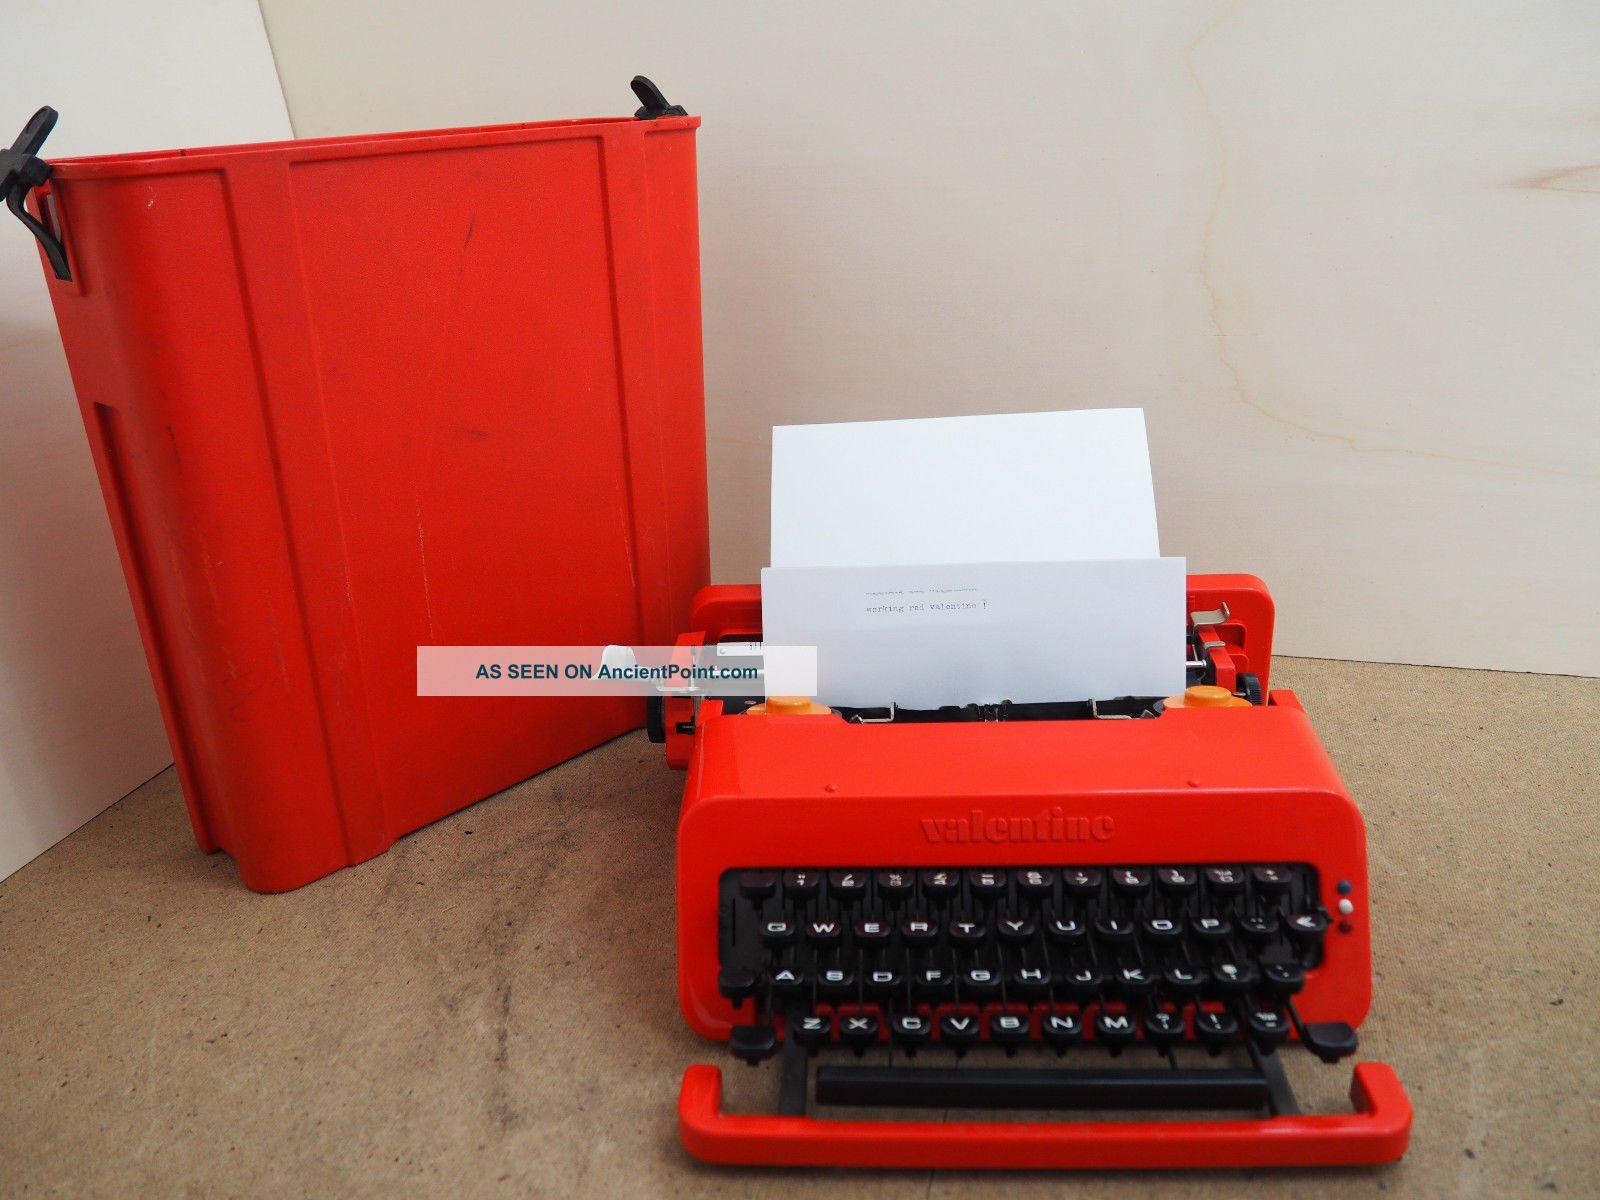 Vintage Typewriter Olivetti Valentine Schreibmaschine Ecrire Escribir Scrivere Typewriters photo